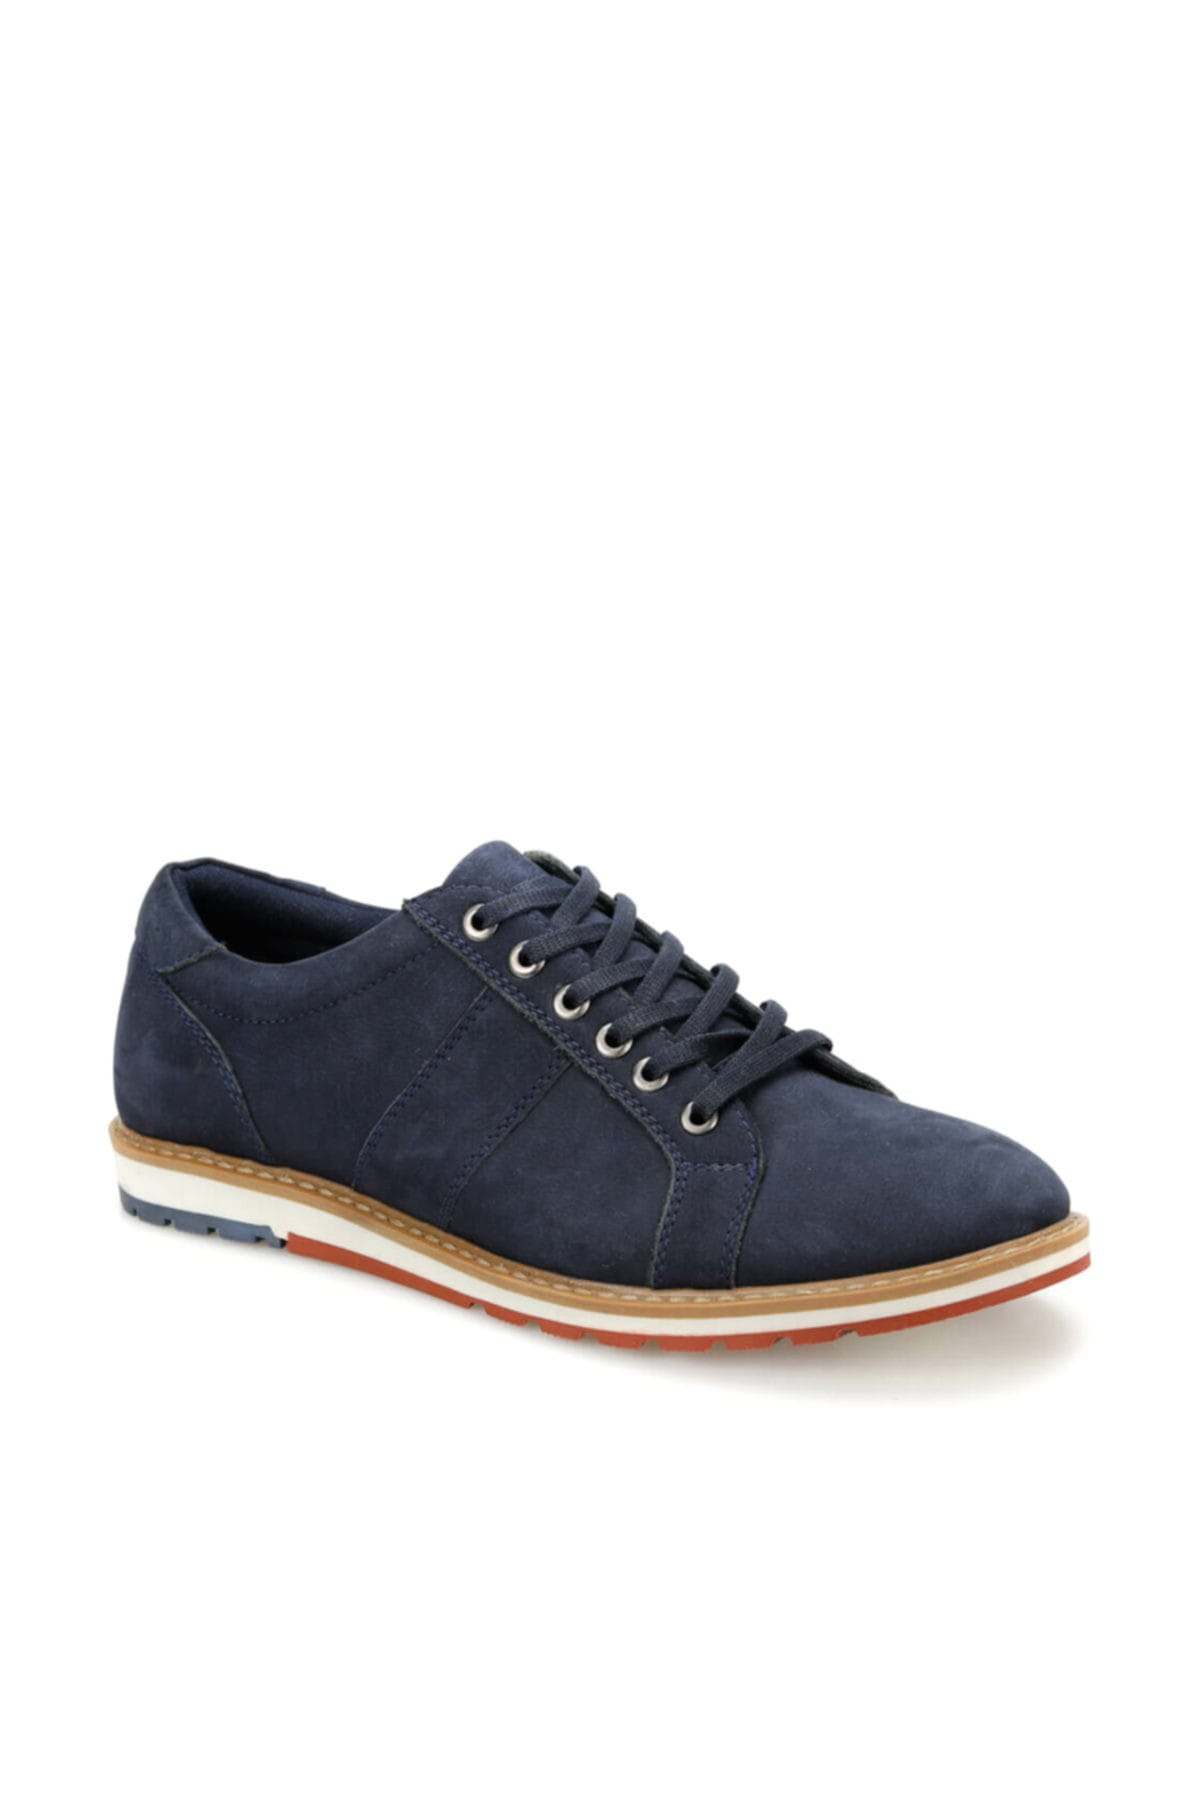 OXIDE Mkm-91115 Lacivert Erkek Ayakkabı 100381815 1